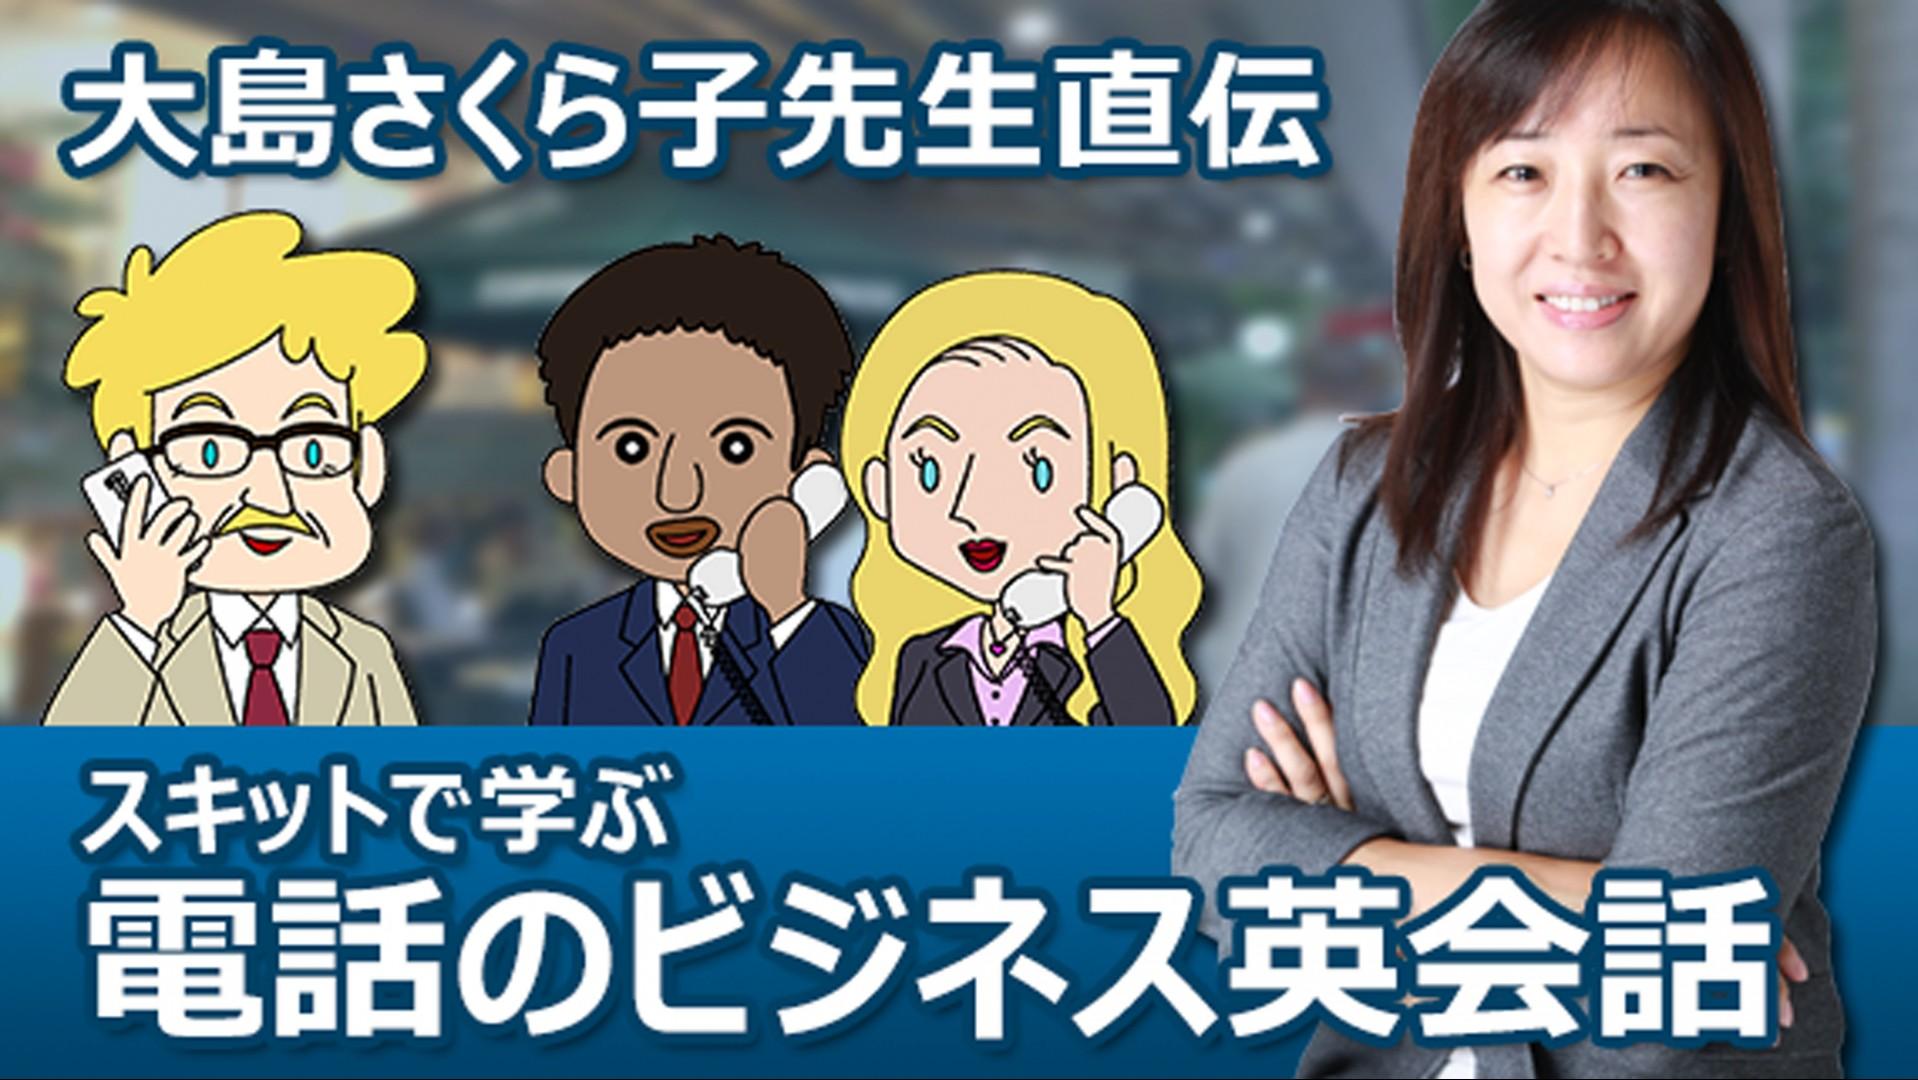 スキットで学ぶ電話のビジネス英会話